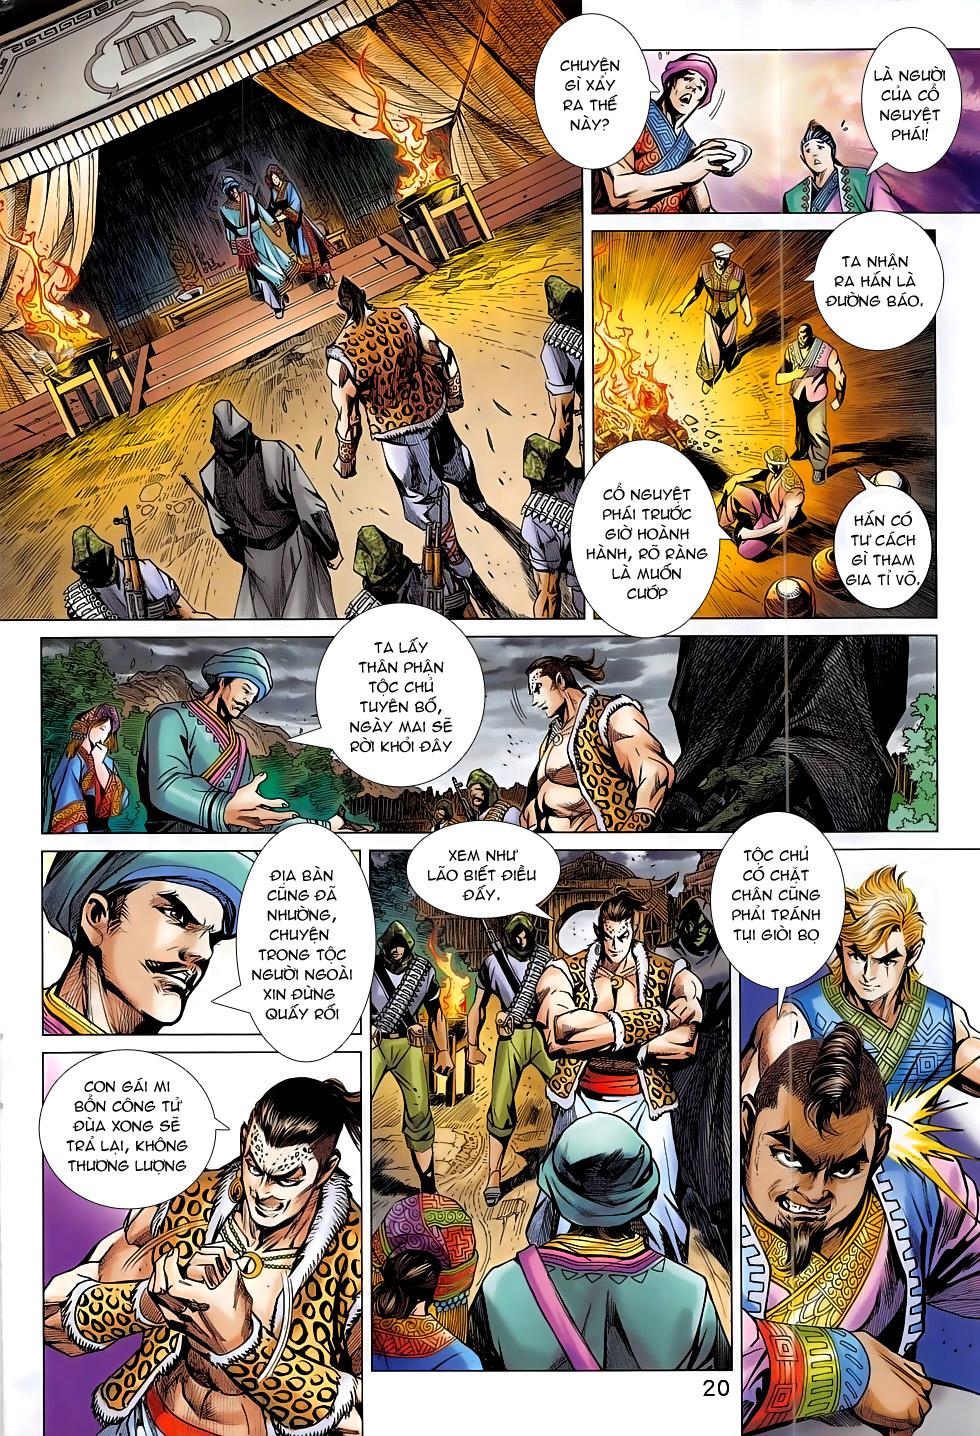 Tân Tác Long Hổ Môn chap 795 Trang 20 - Mangak.info